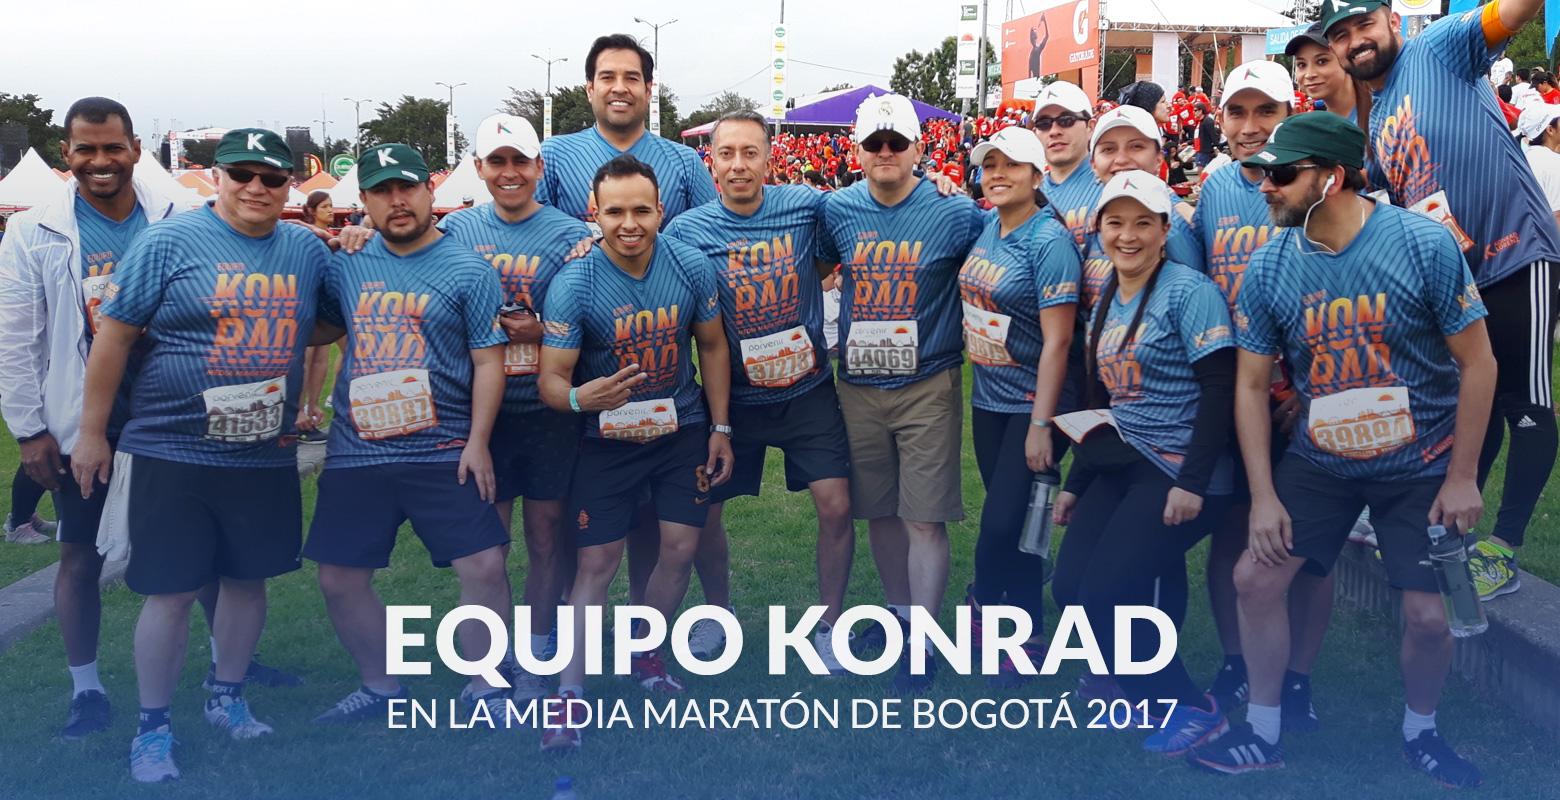 La Konrad en la Media Maratón de Bogotá 2017